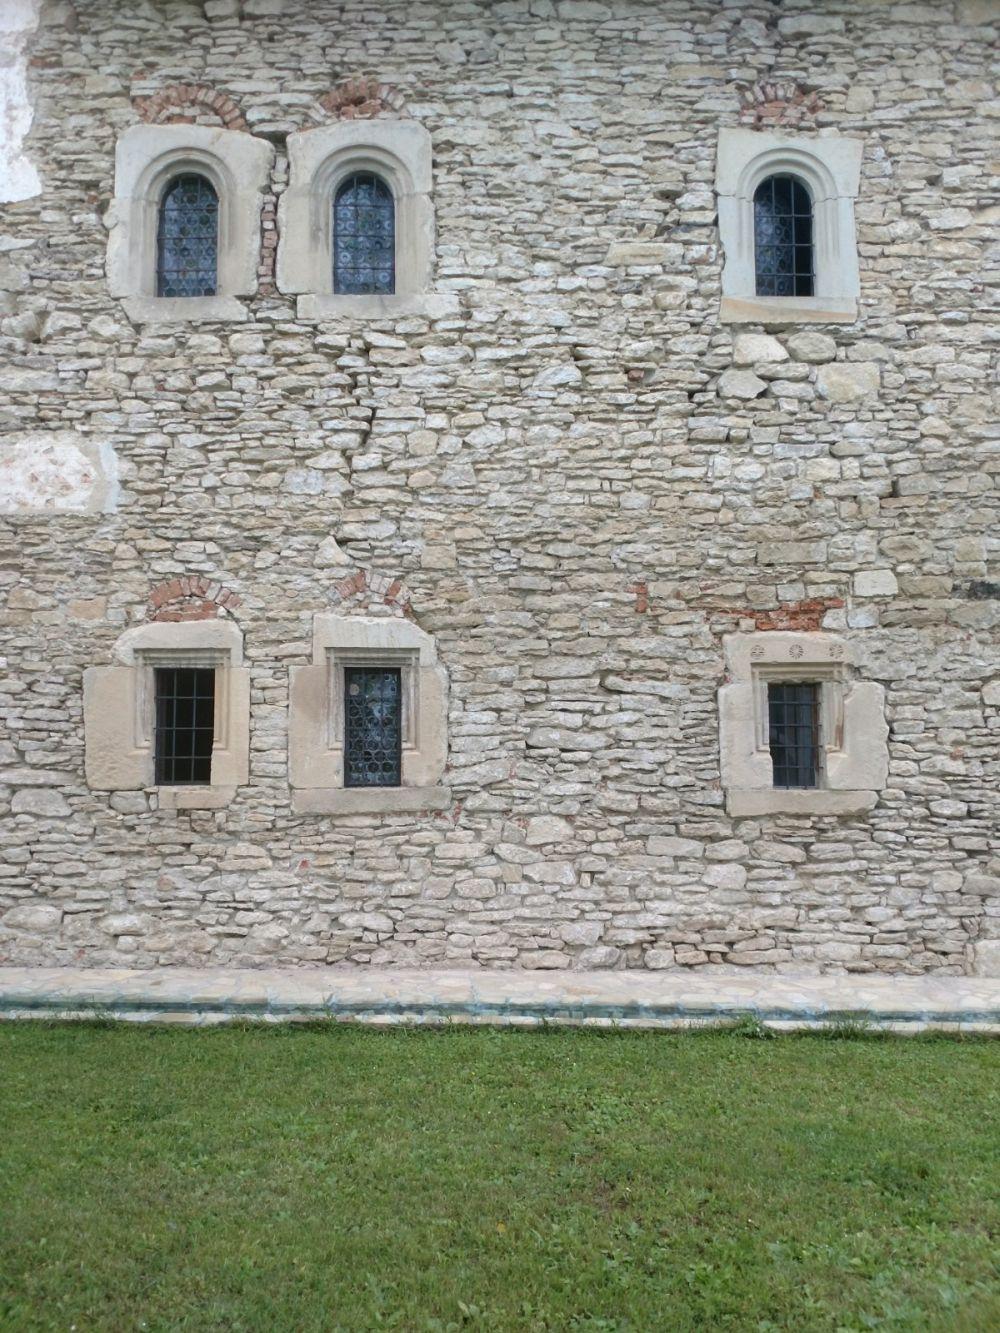 adelaparvu.com despre detalii arhitecturale de pe Valea Somuzului, Romania, Text arh Bogdan Balaban, Foto Bogdan Balaban (12)